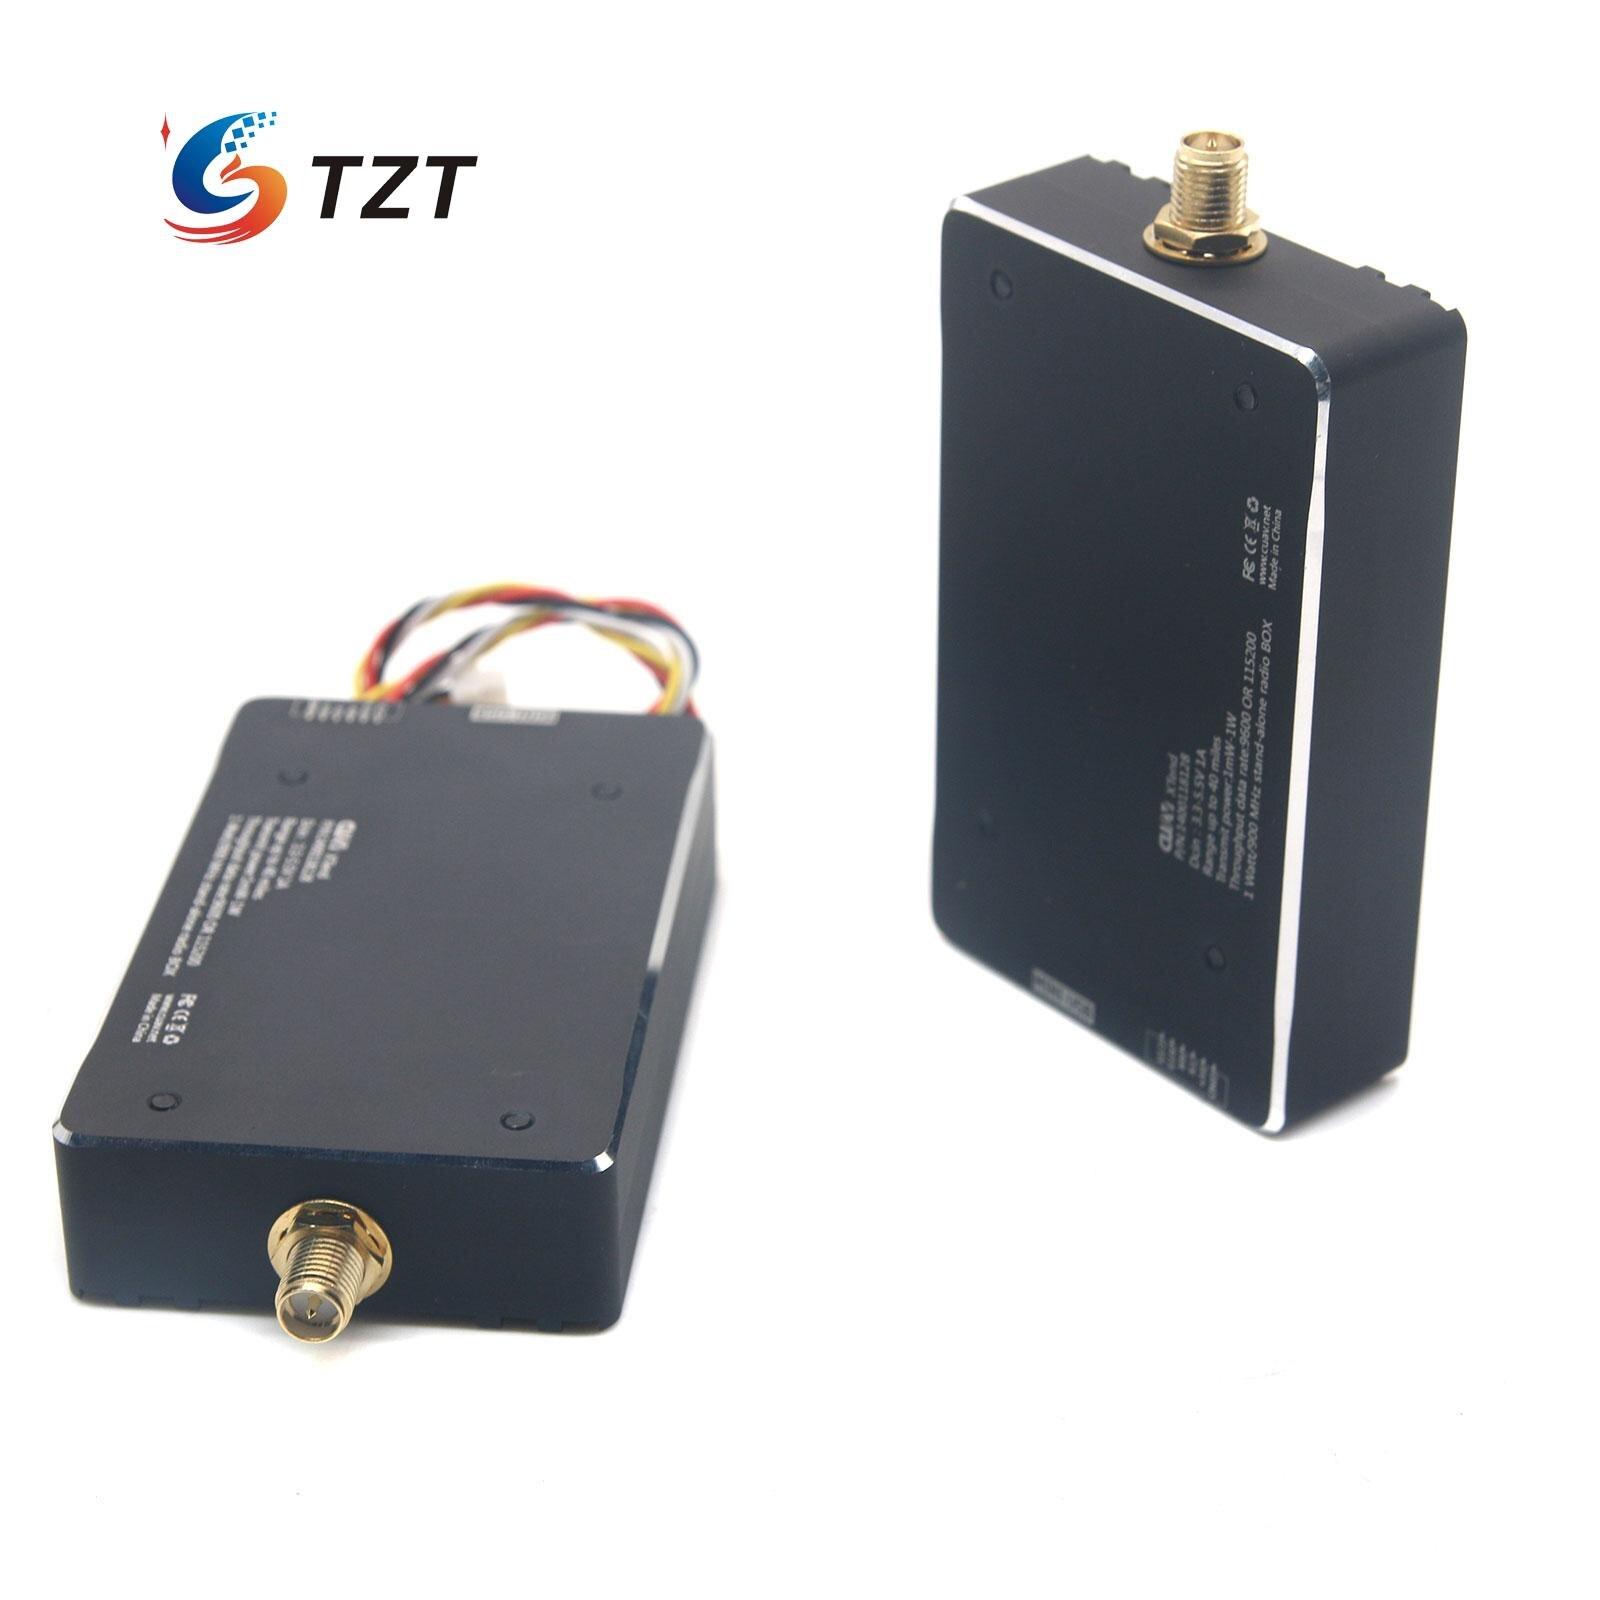 Xtend XTP9B Wireless Data Transmission Module Kit RF Box 900mAh 1W for APM Pixhawk Pixhack Flight Controller xtend xtp9b wireless data transmission module kit rf box 900mah 1w for apm pixhawk pixhack flight controller